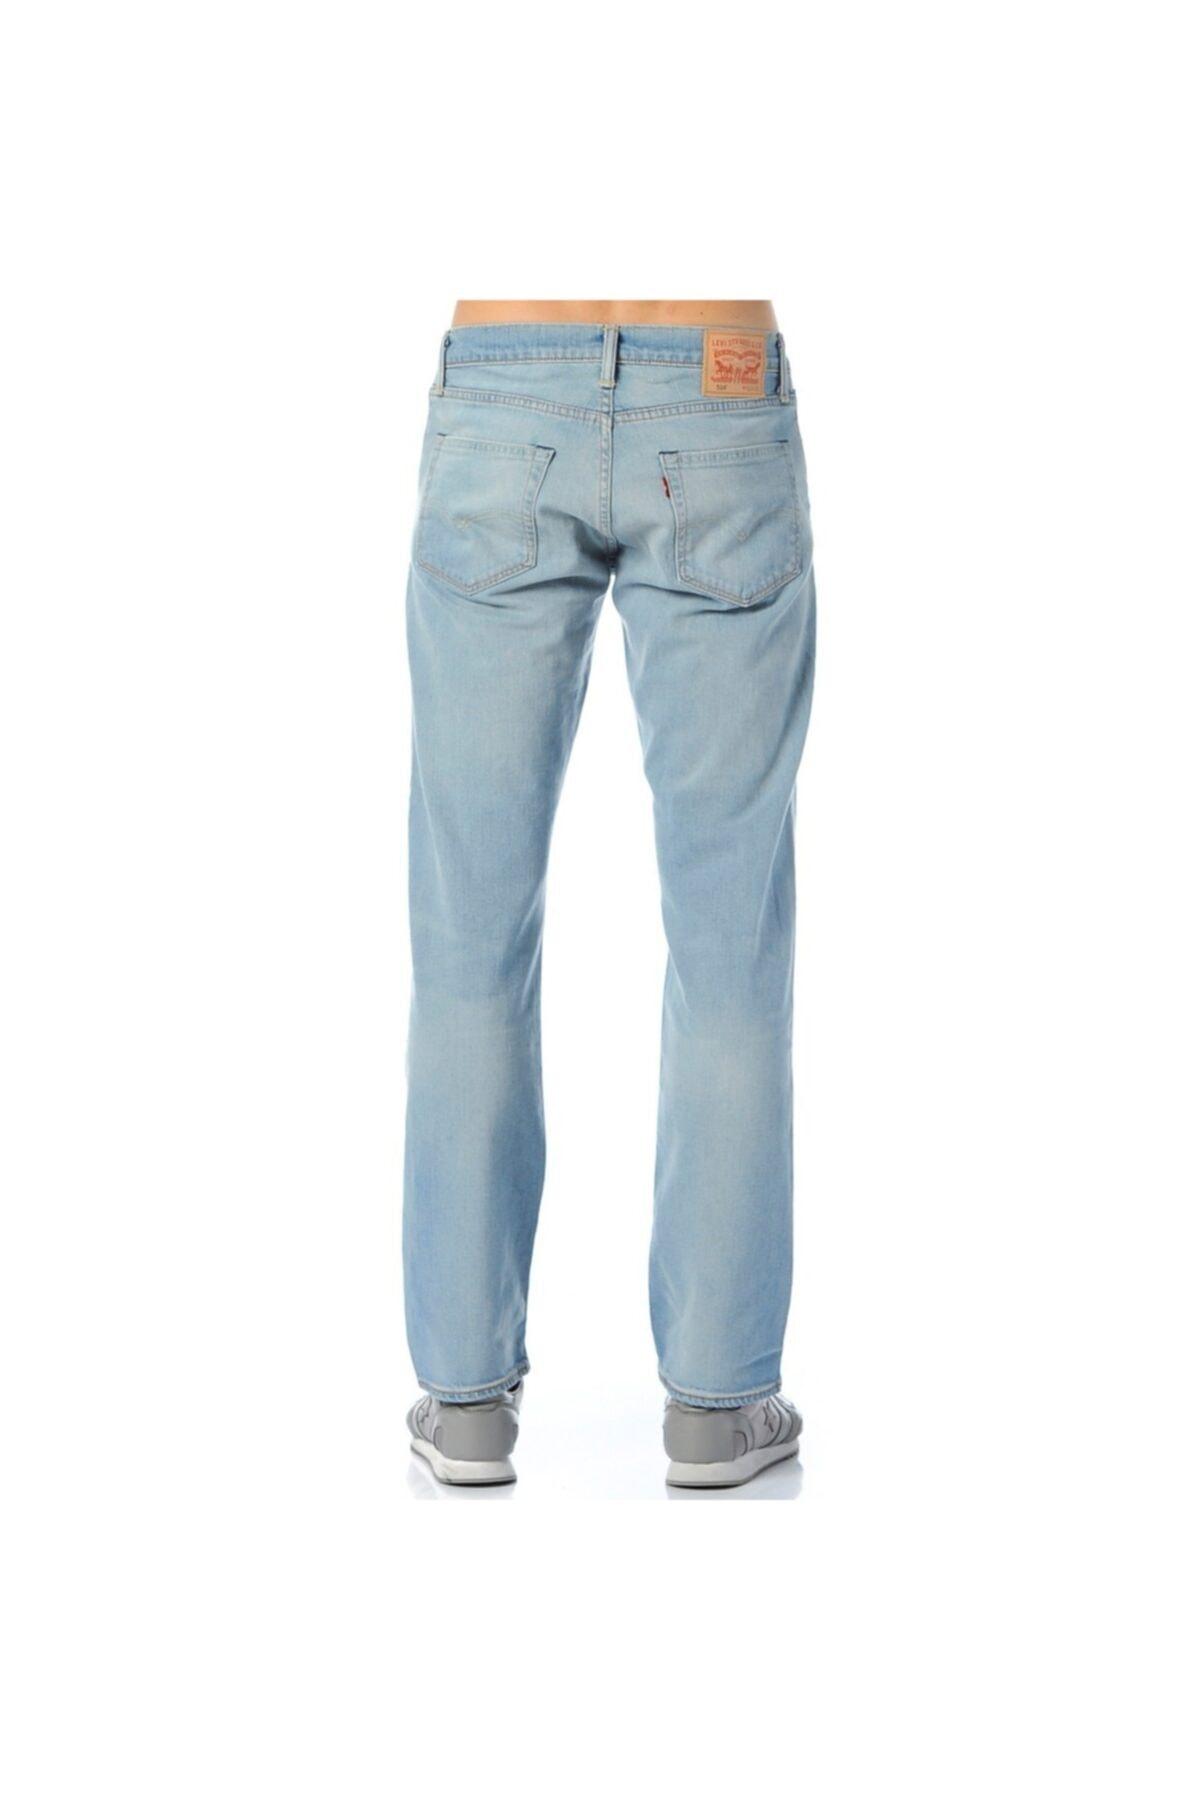 Levi's Erkek Renkli Pantolon 2